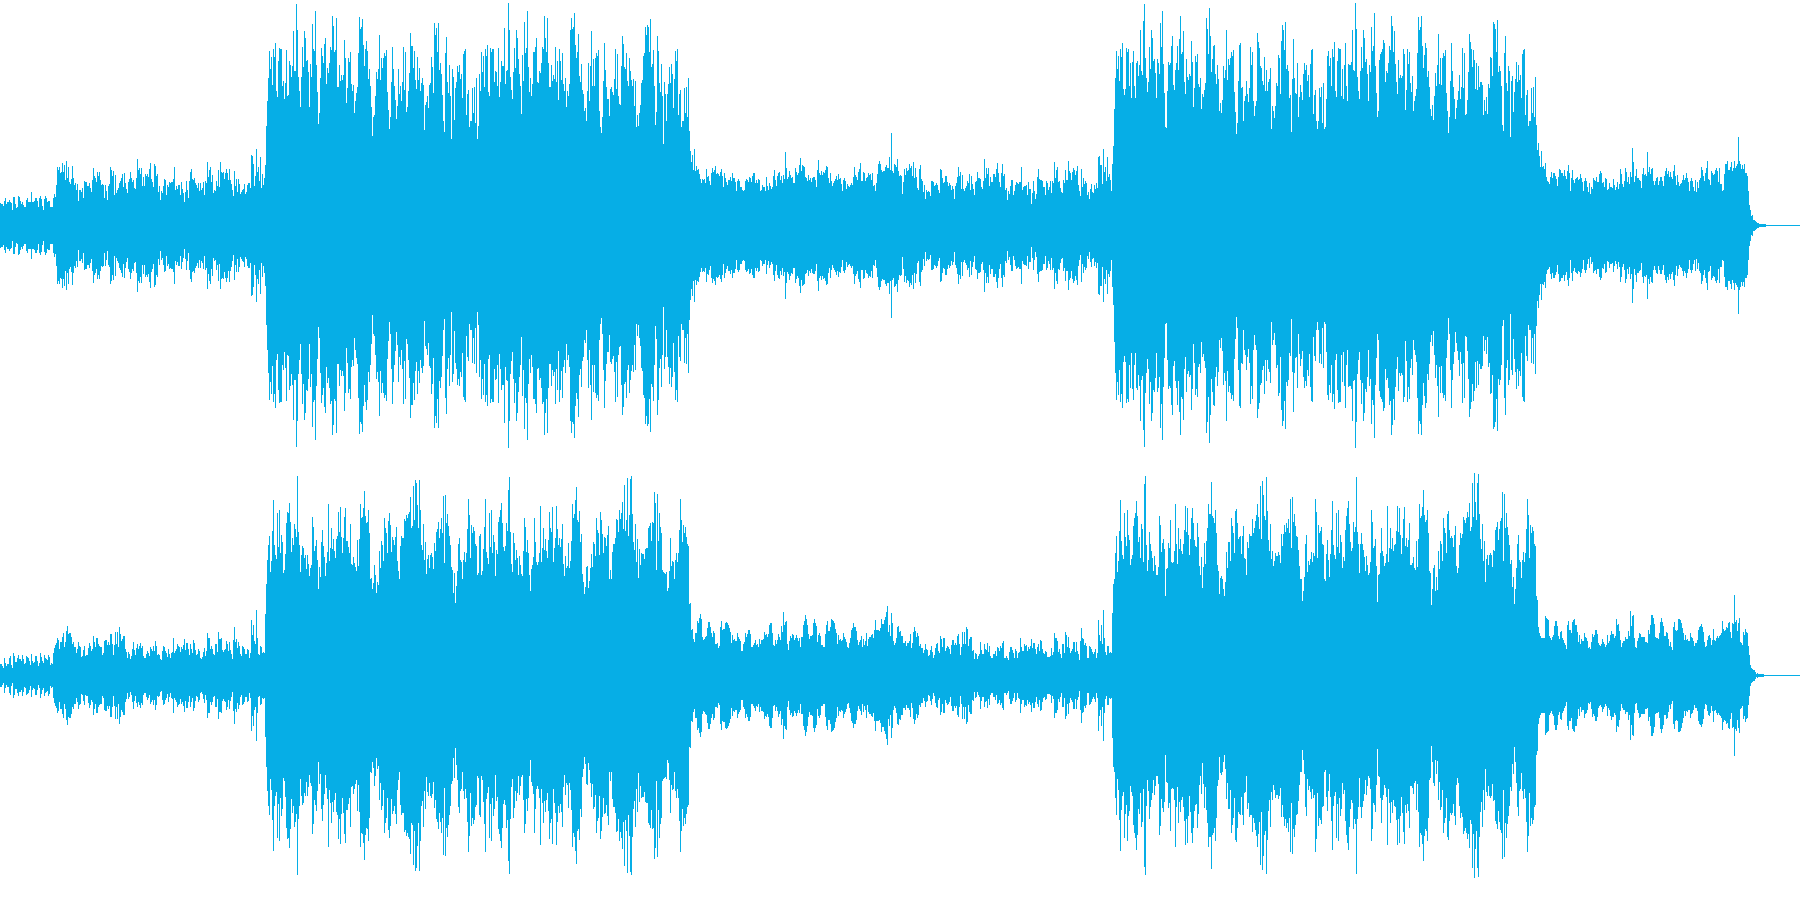 高原を意識した伸びやかなオーケストラの再生済みの波形